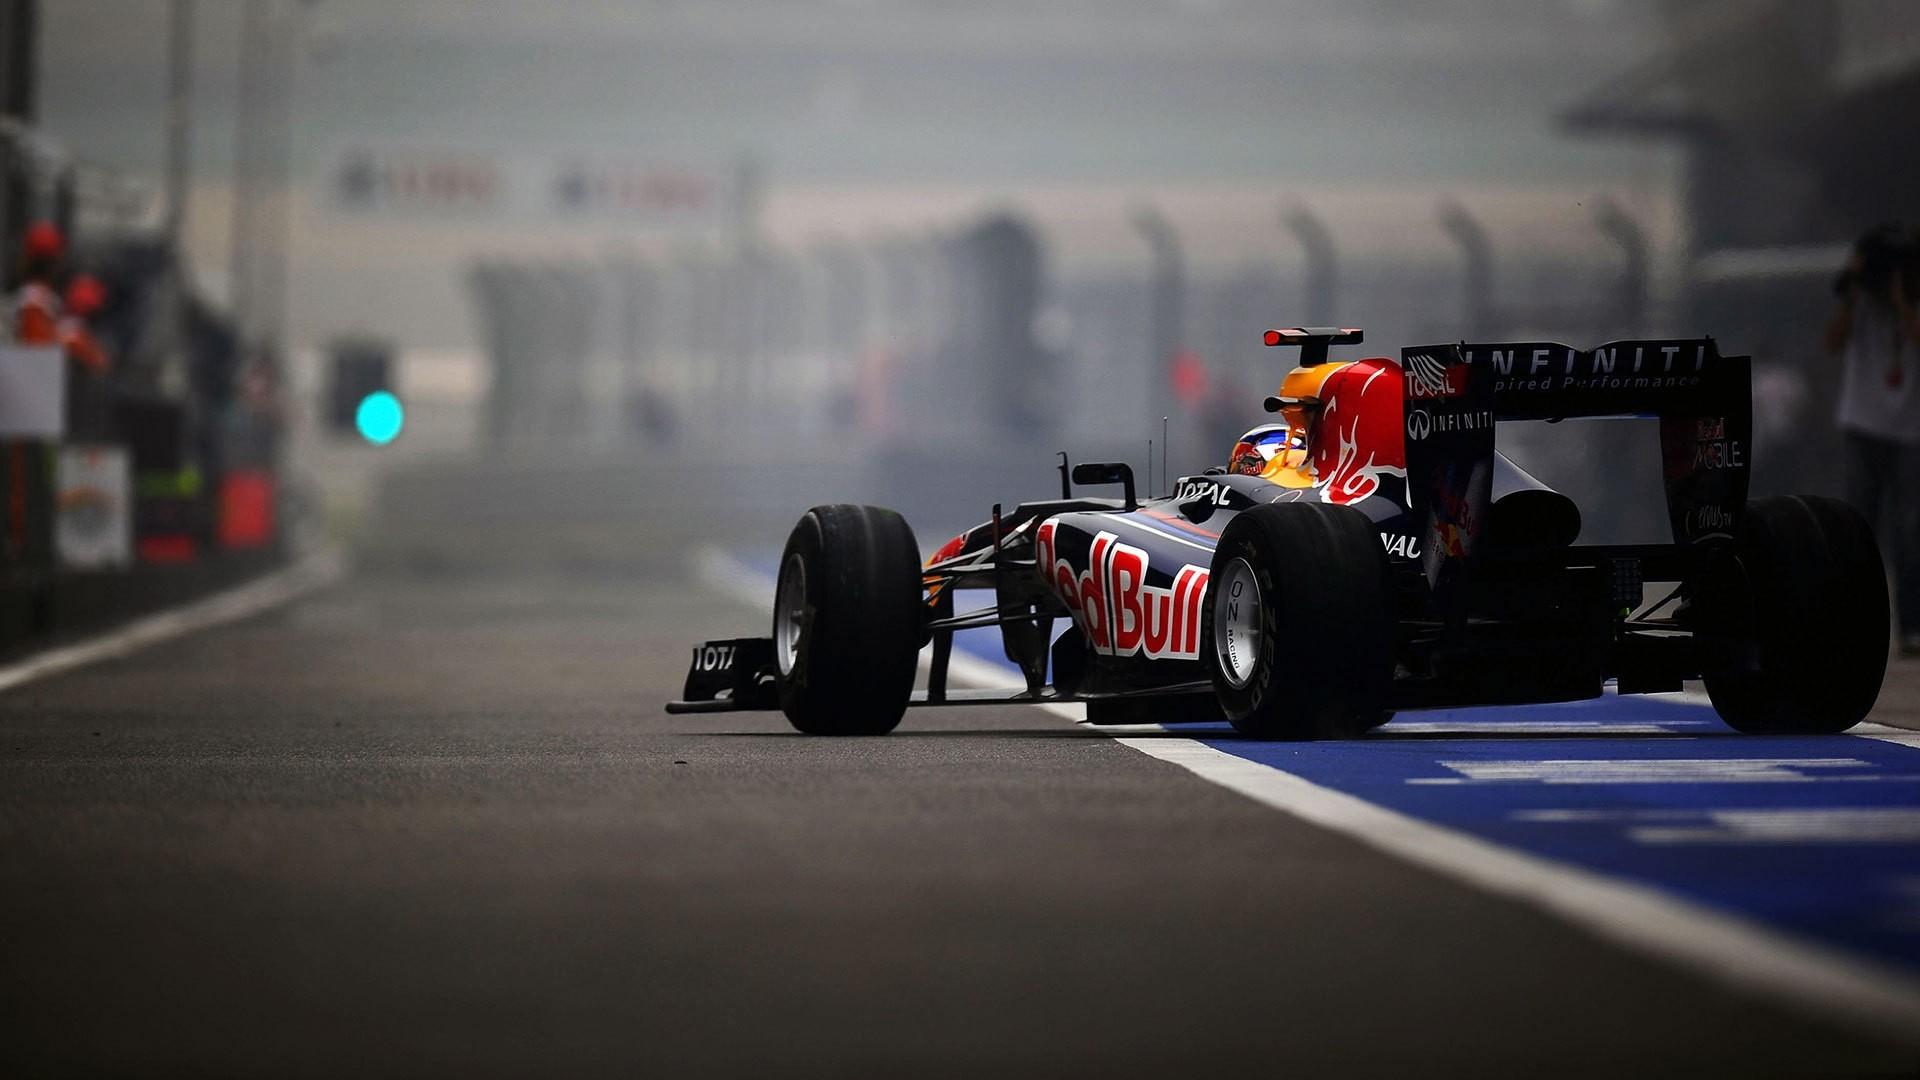 F1 Red Bull wallpaper 143948 1920x1080